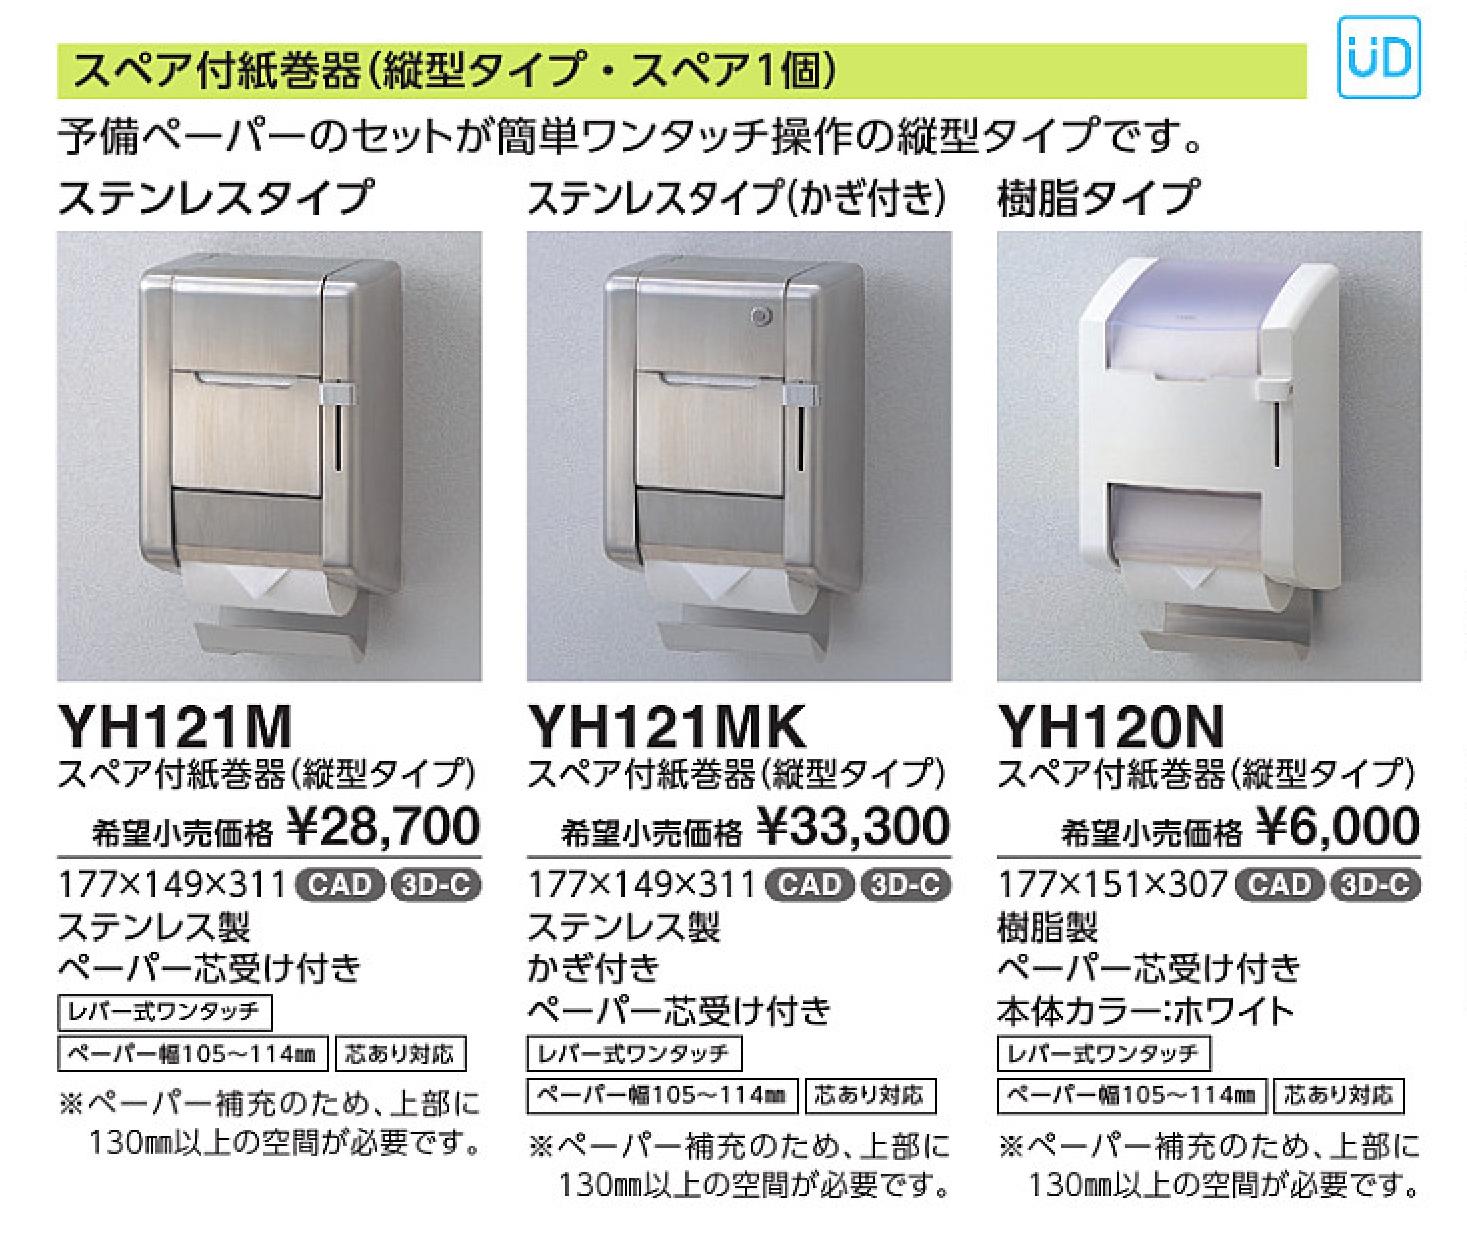 公衆トイレ用のステンレス製もカッコよくないですか? 実売は半額程度の模様(TOTOカタログより)